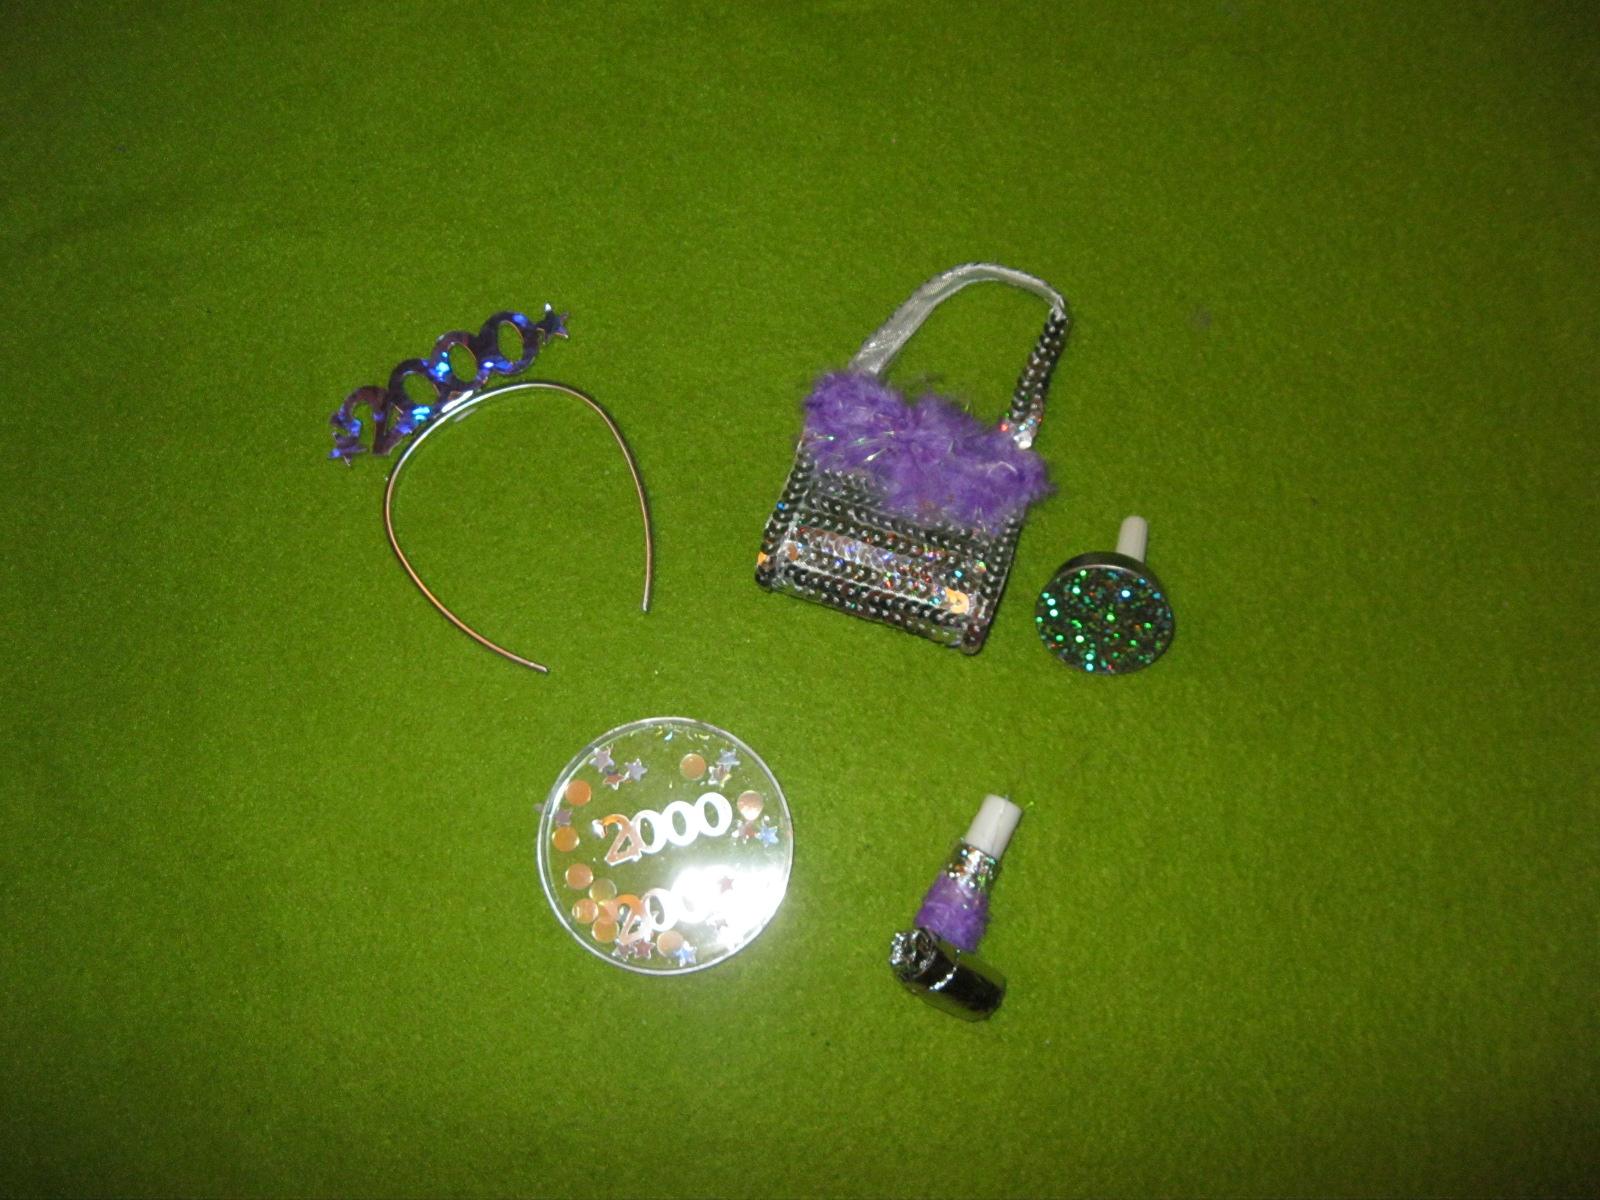 Doll's Celebration Kit